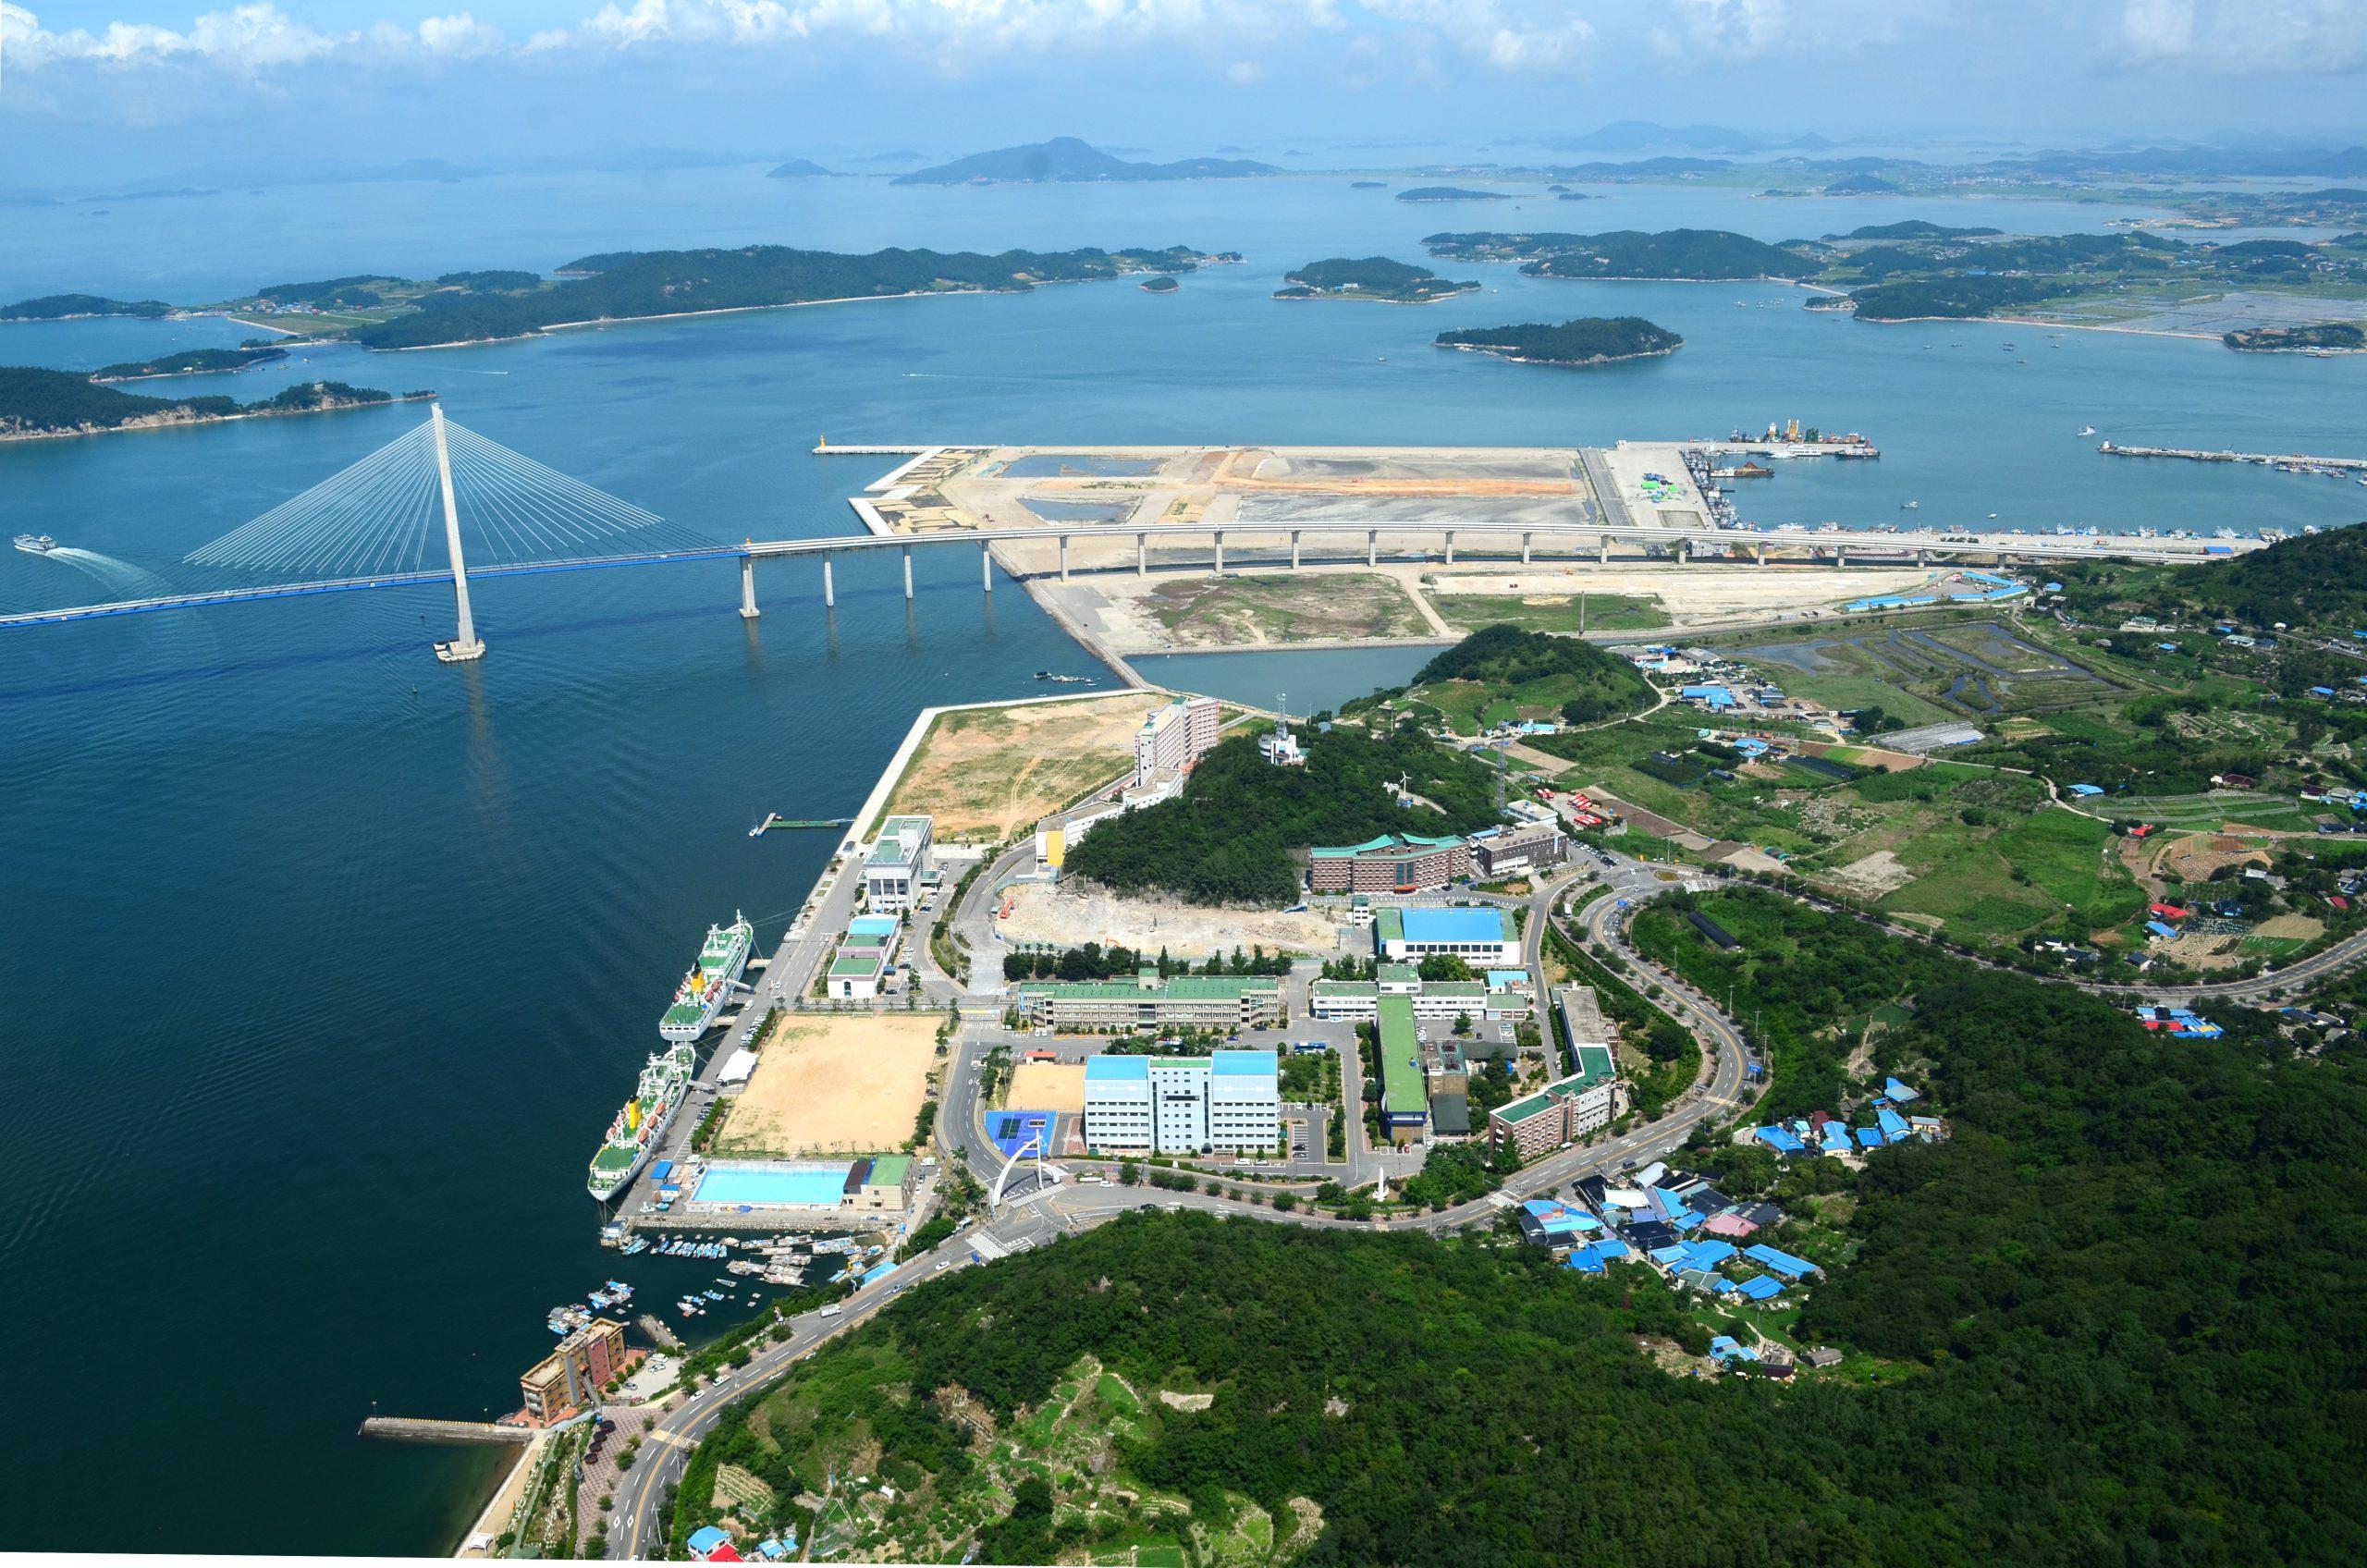 Đại học Quốc gia Hàng hải Mokpo nhìn từ trên không